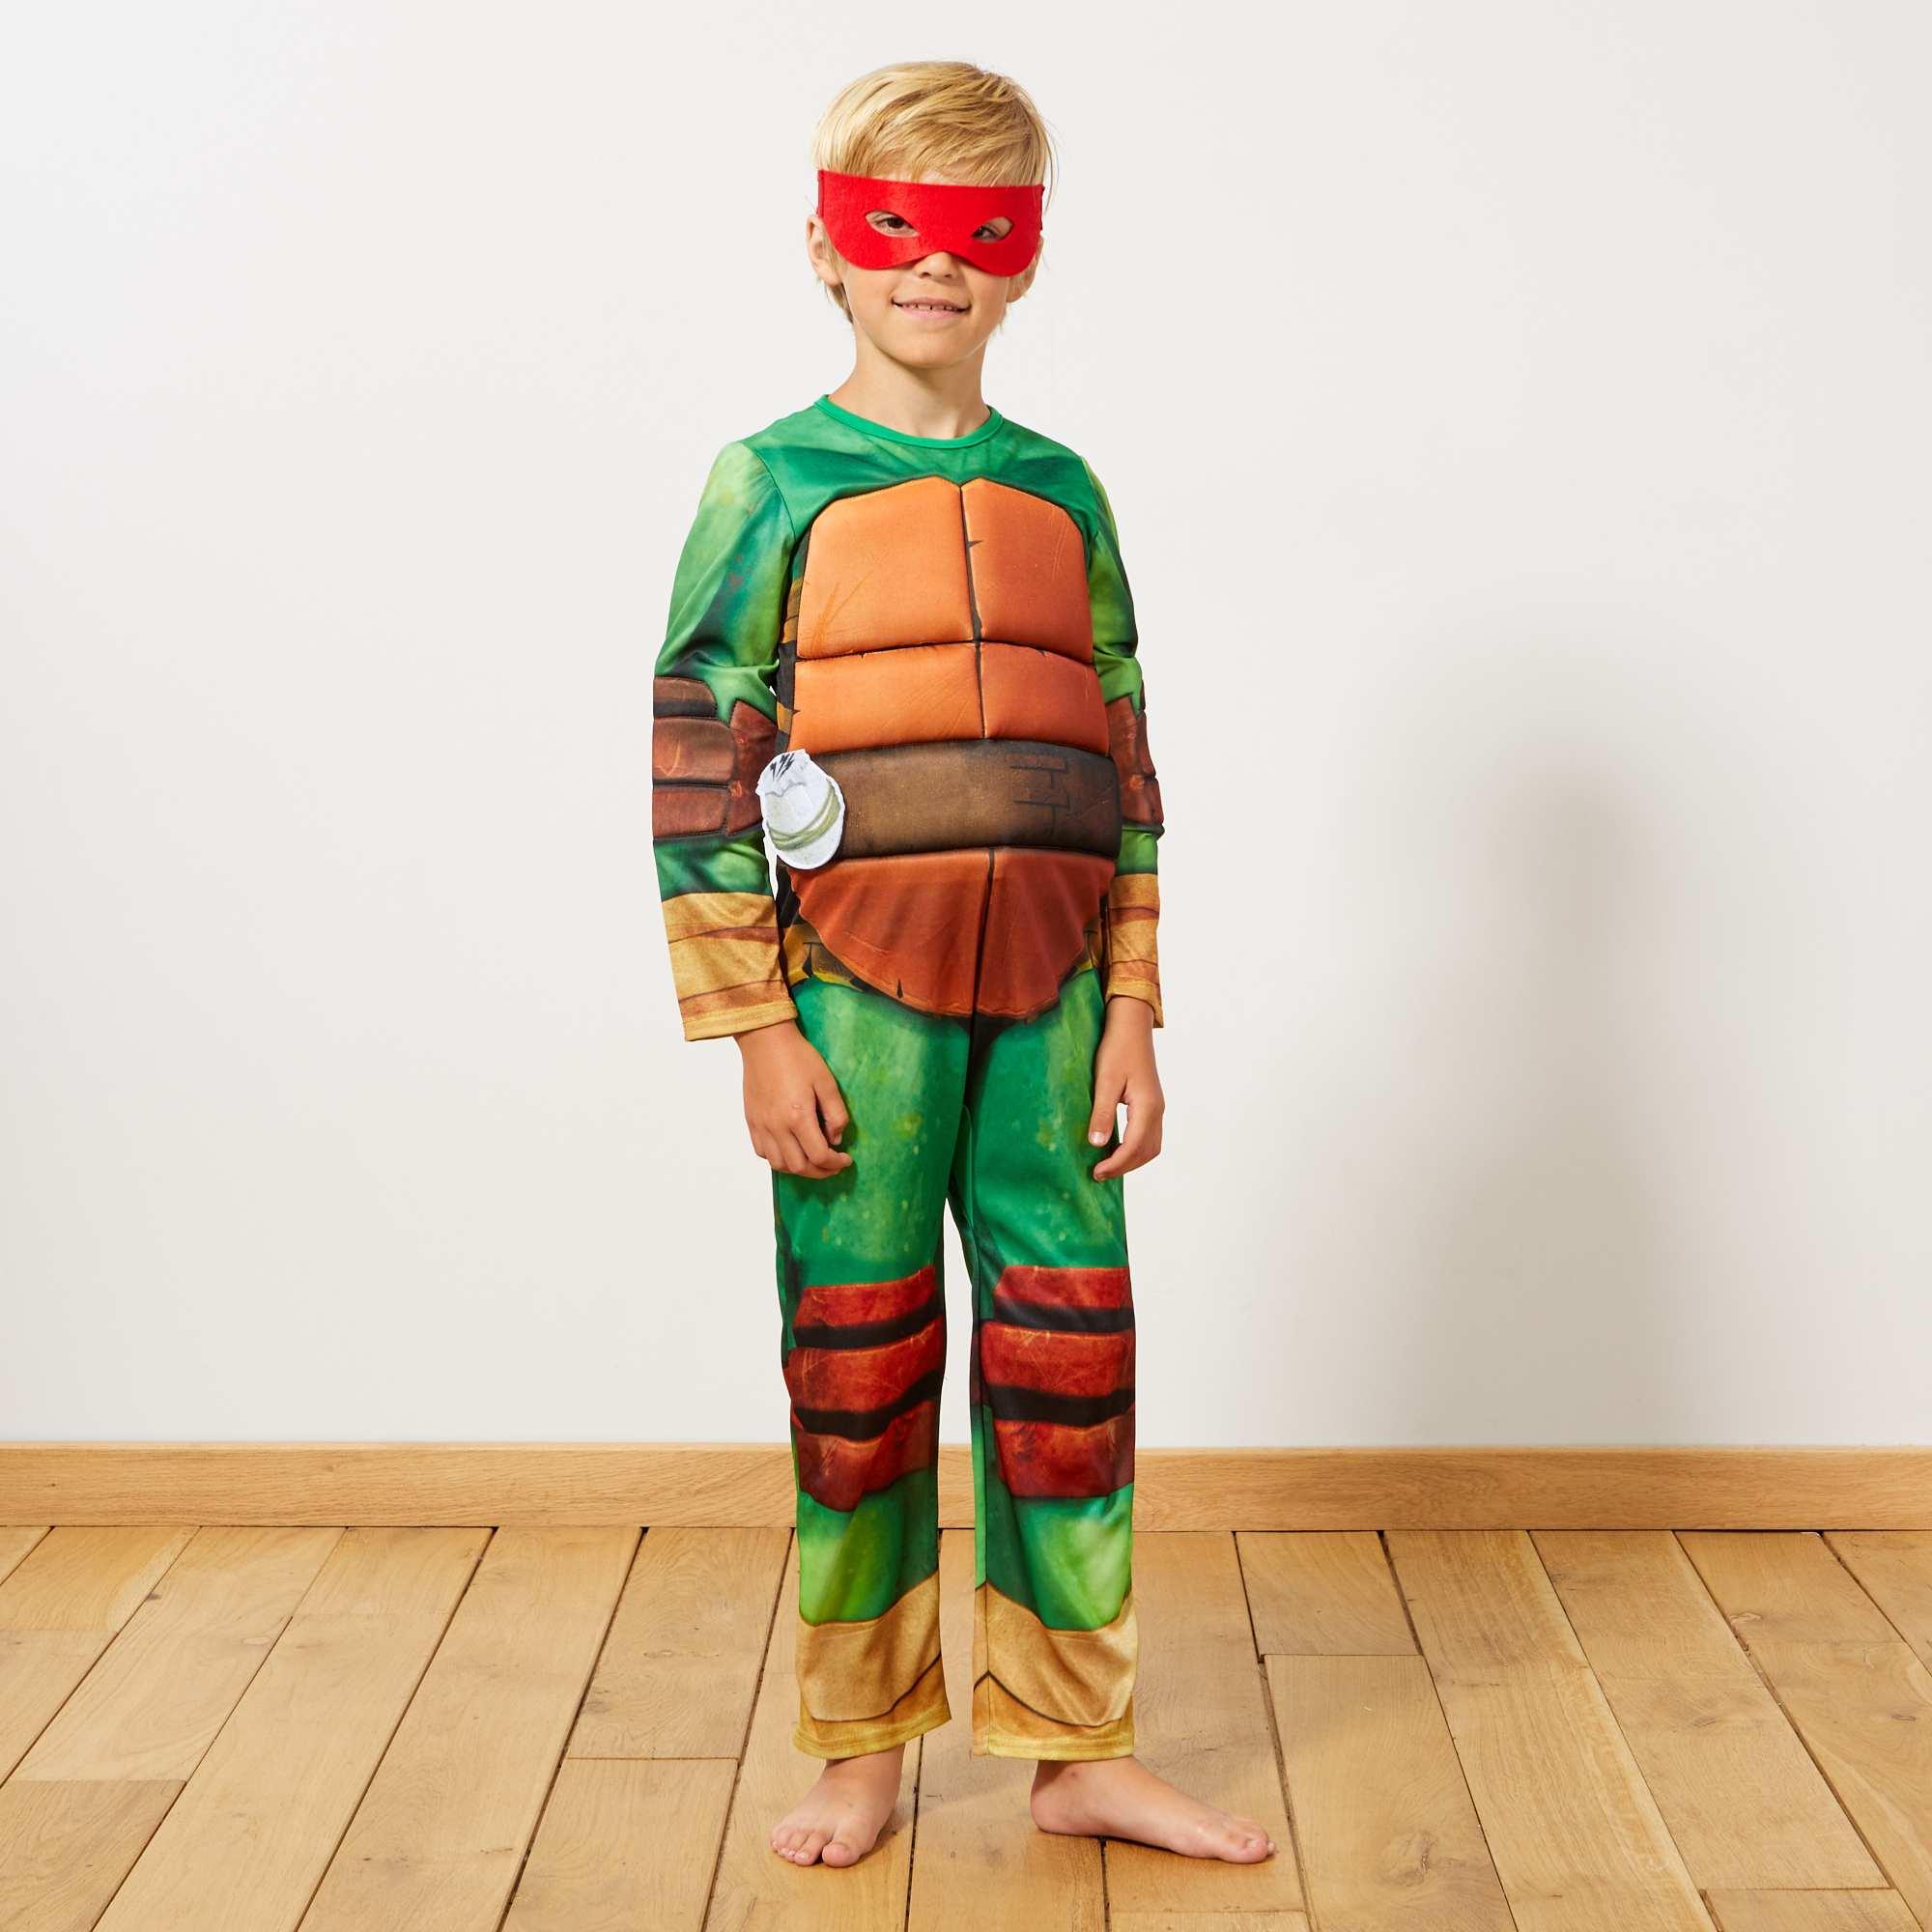 Couleur : vert, , ,, - Taille : 7/8A, 5/6A, ,,'Leonardo', 'Donatello', 'Michelangelo' ou 'Raphael', il peut choisir de se déguiser en